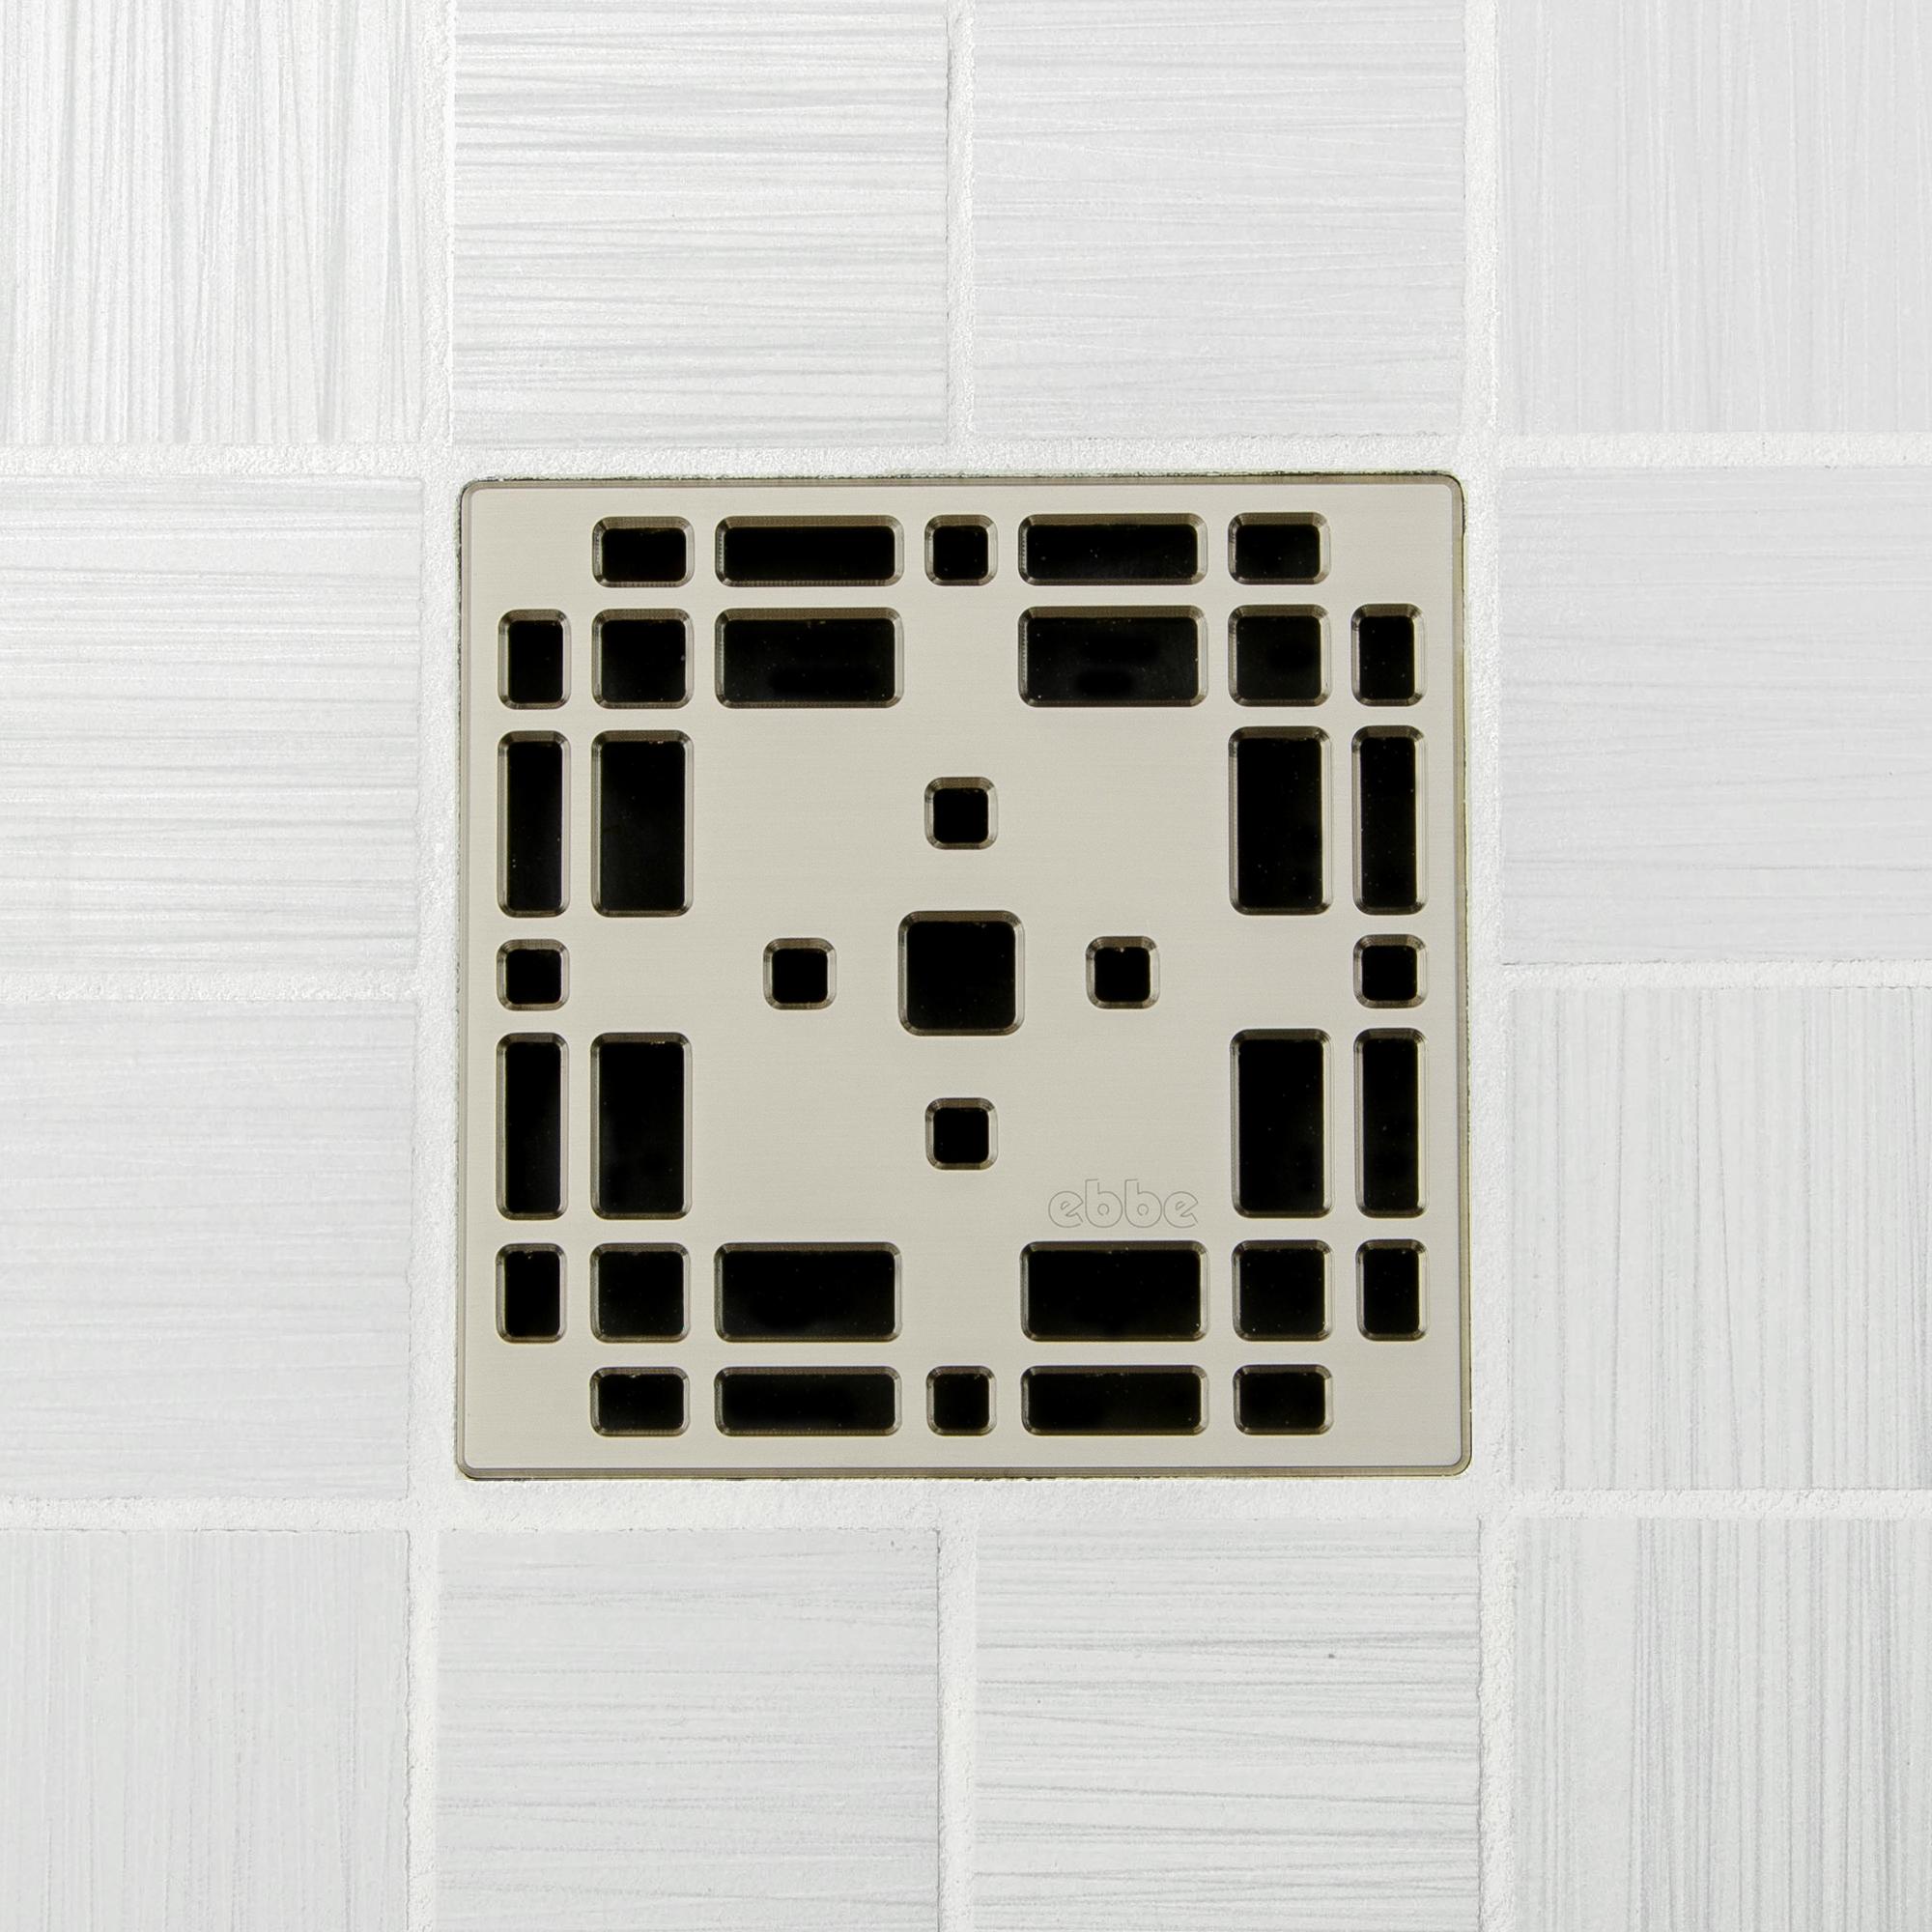 E4801-SN - Ebbe UNIQUE Drain Cover - PRAIRIE - Satin Nickel - Shower Drain td